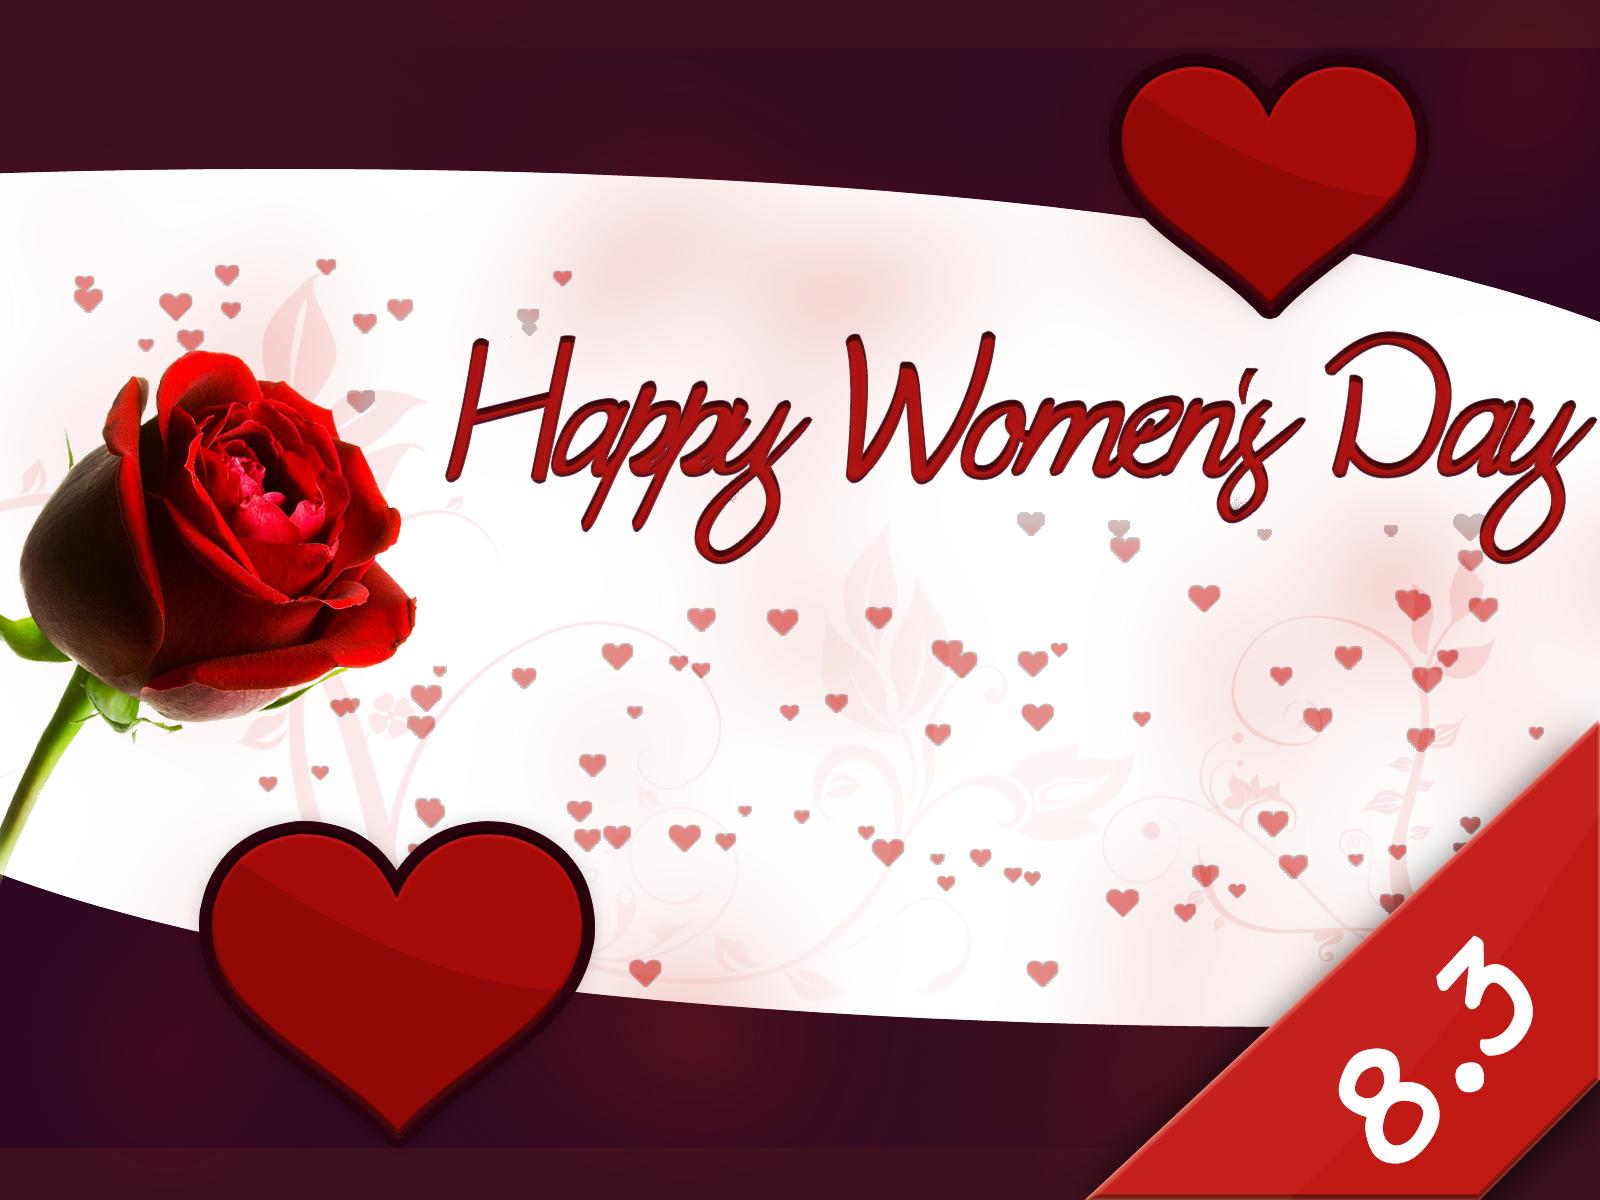 بالصور كلمات عن يوم المراة العالمي , عبارات بمناسبة الاحتفال بيوم المراة العالمى 3086